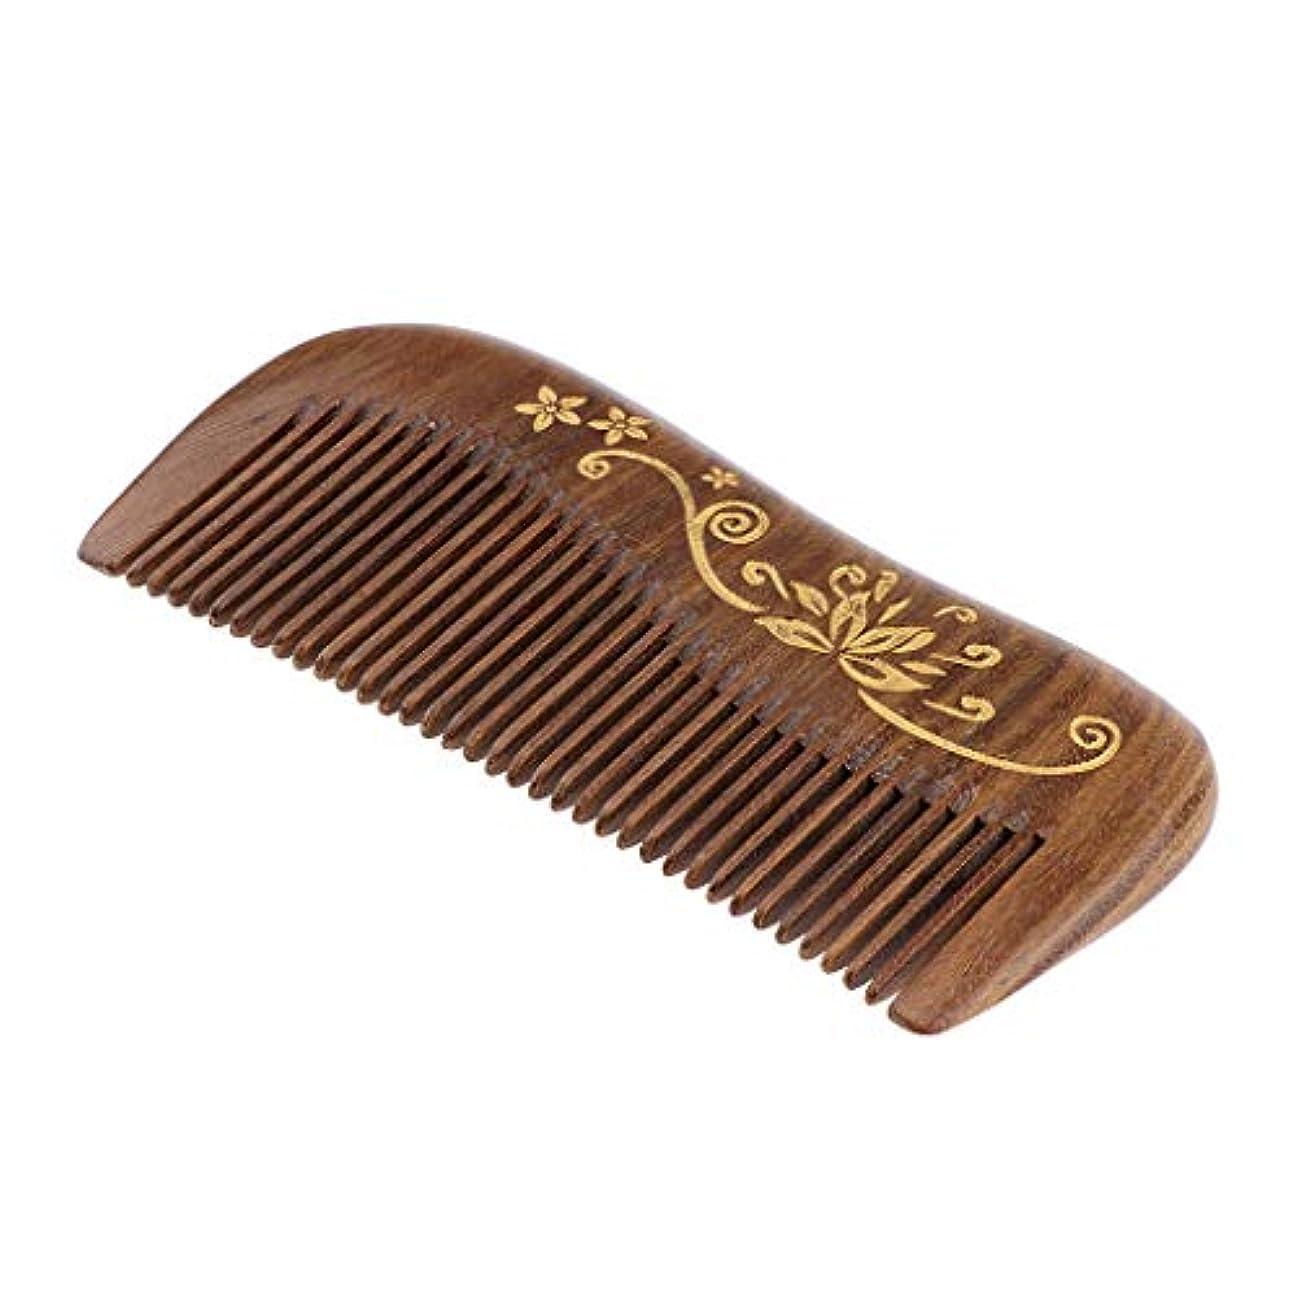 漏斗故意に見えないヘアコーム 広い歯 木製櫛 ヘアブラシ マッサージ櫛 帯電防止 4仕様選べ - #4